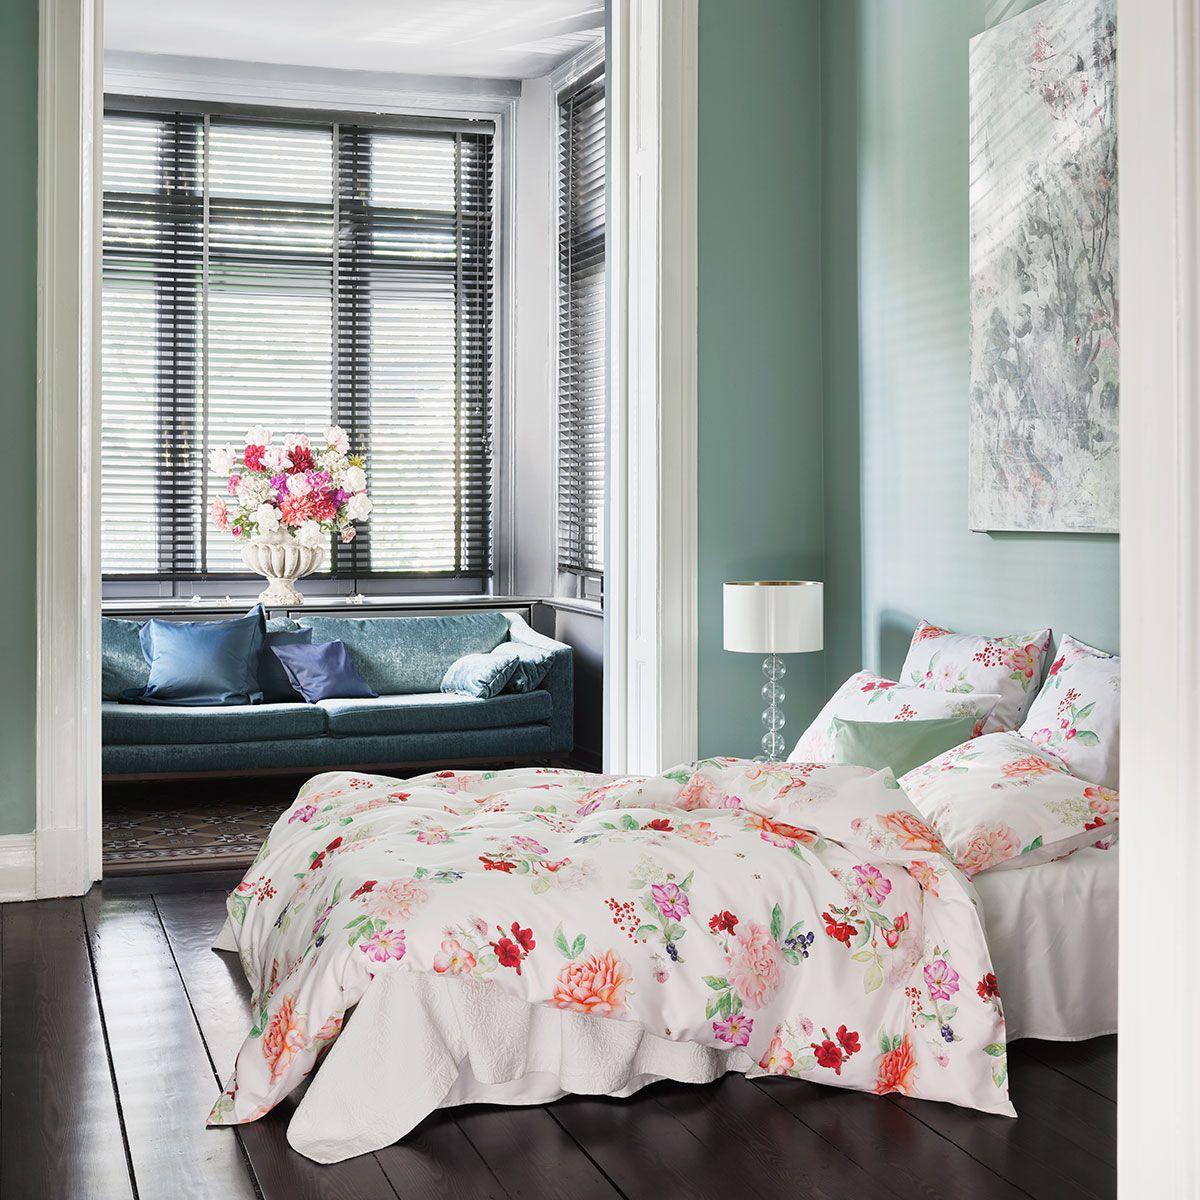 Rosa Floral Berry Die Klassische Schlossberg Bettwasche Mit Dem